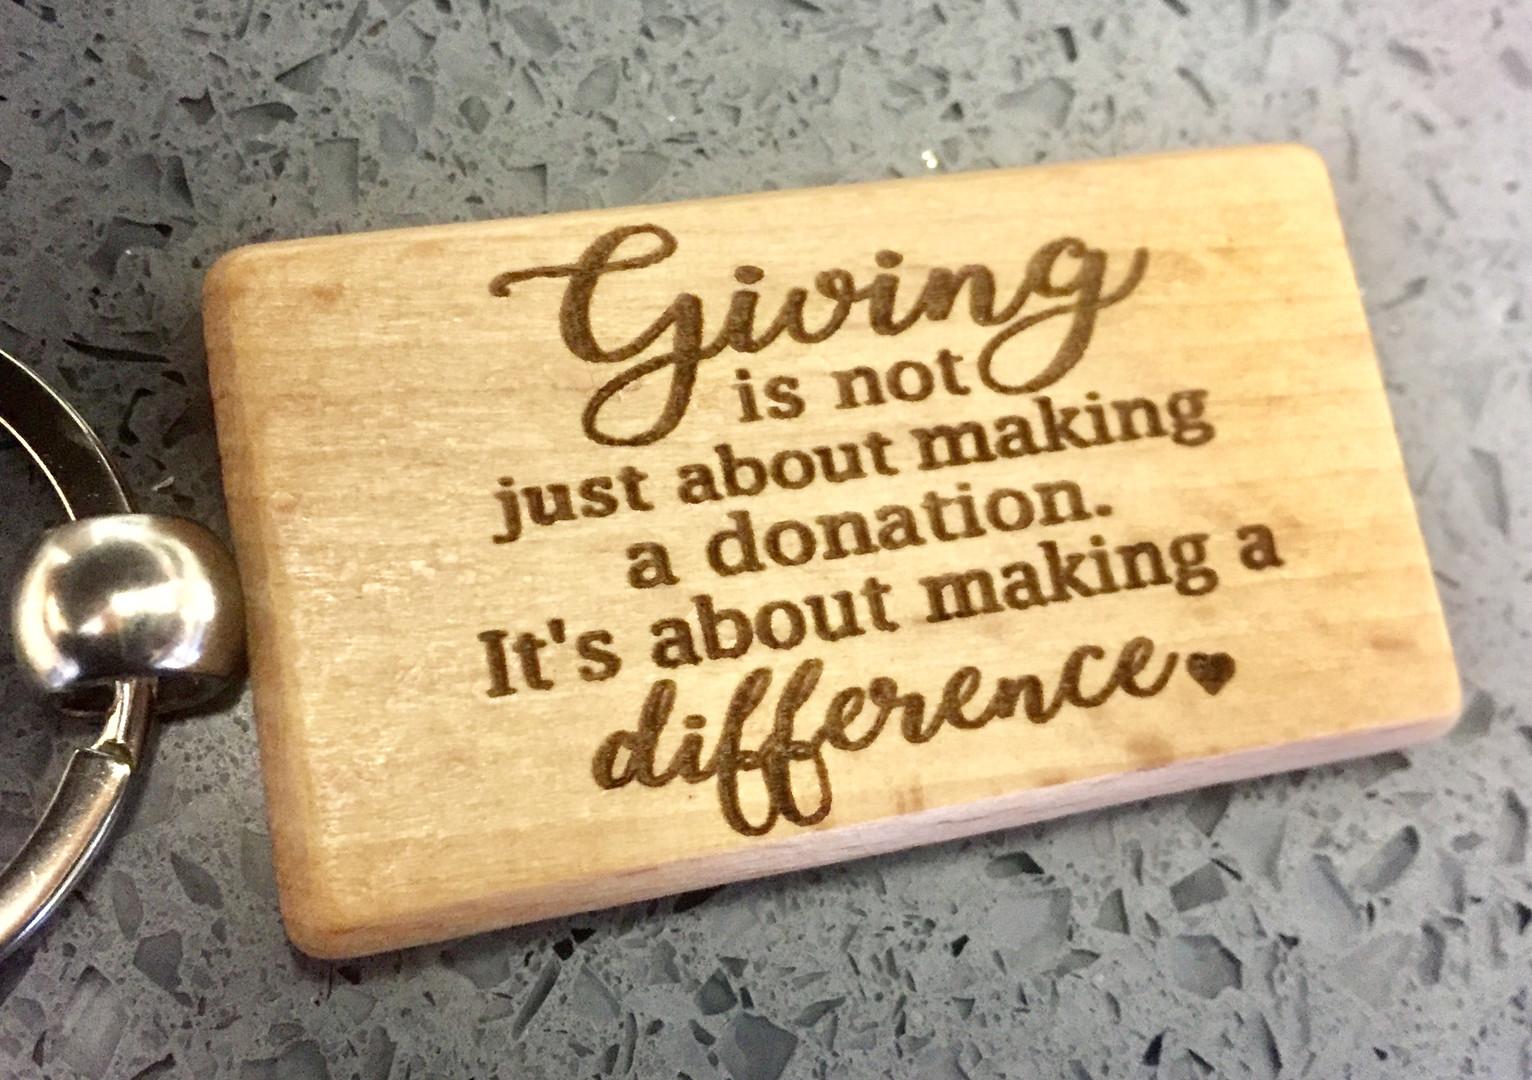 Fundraising keyrings